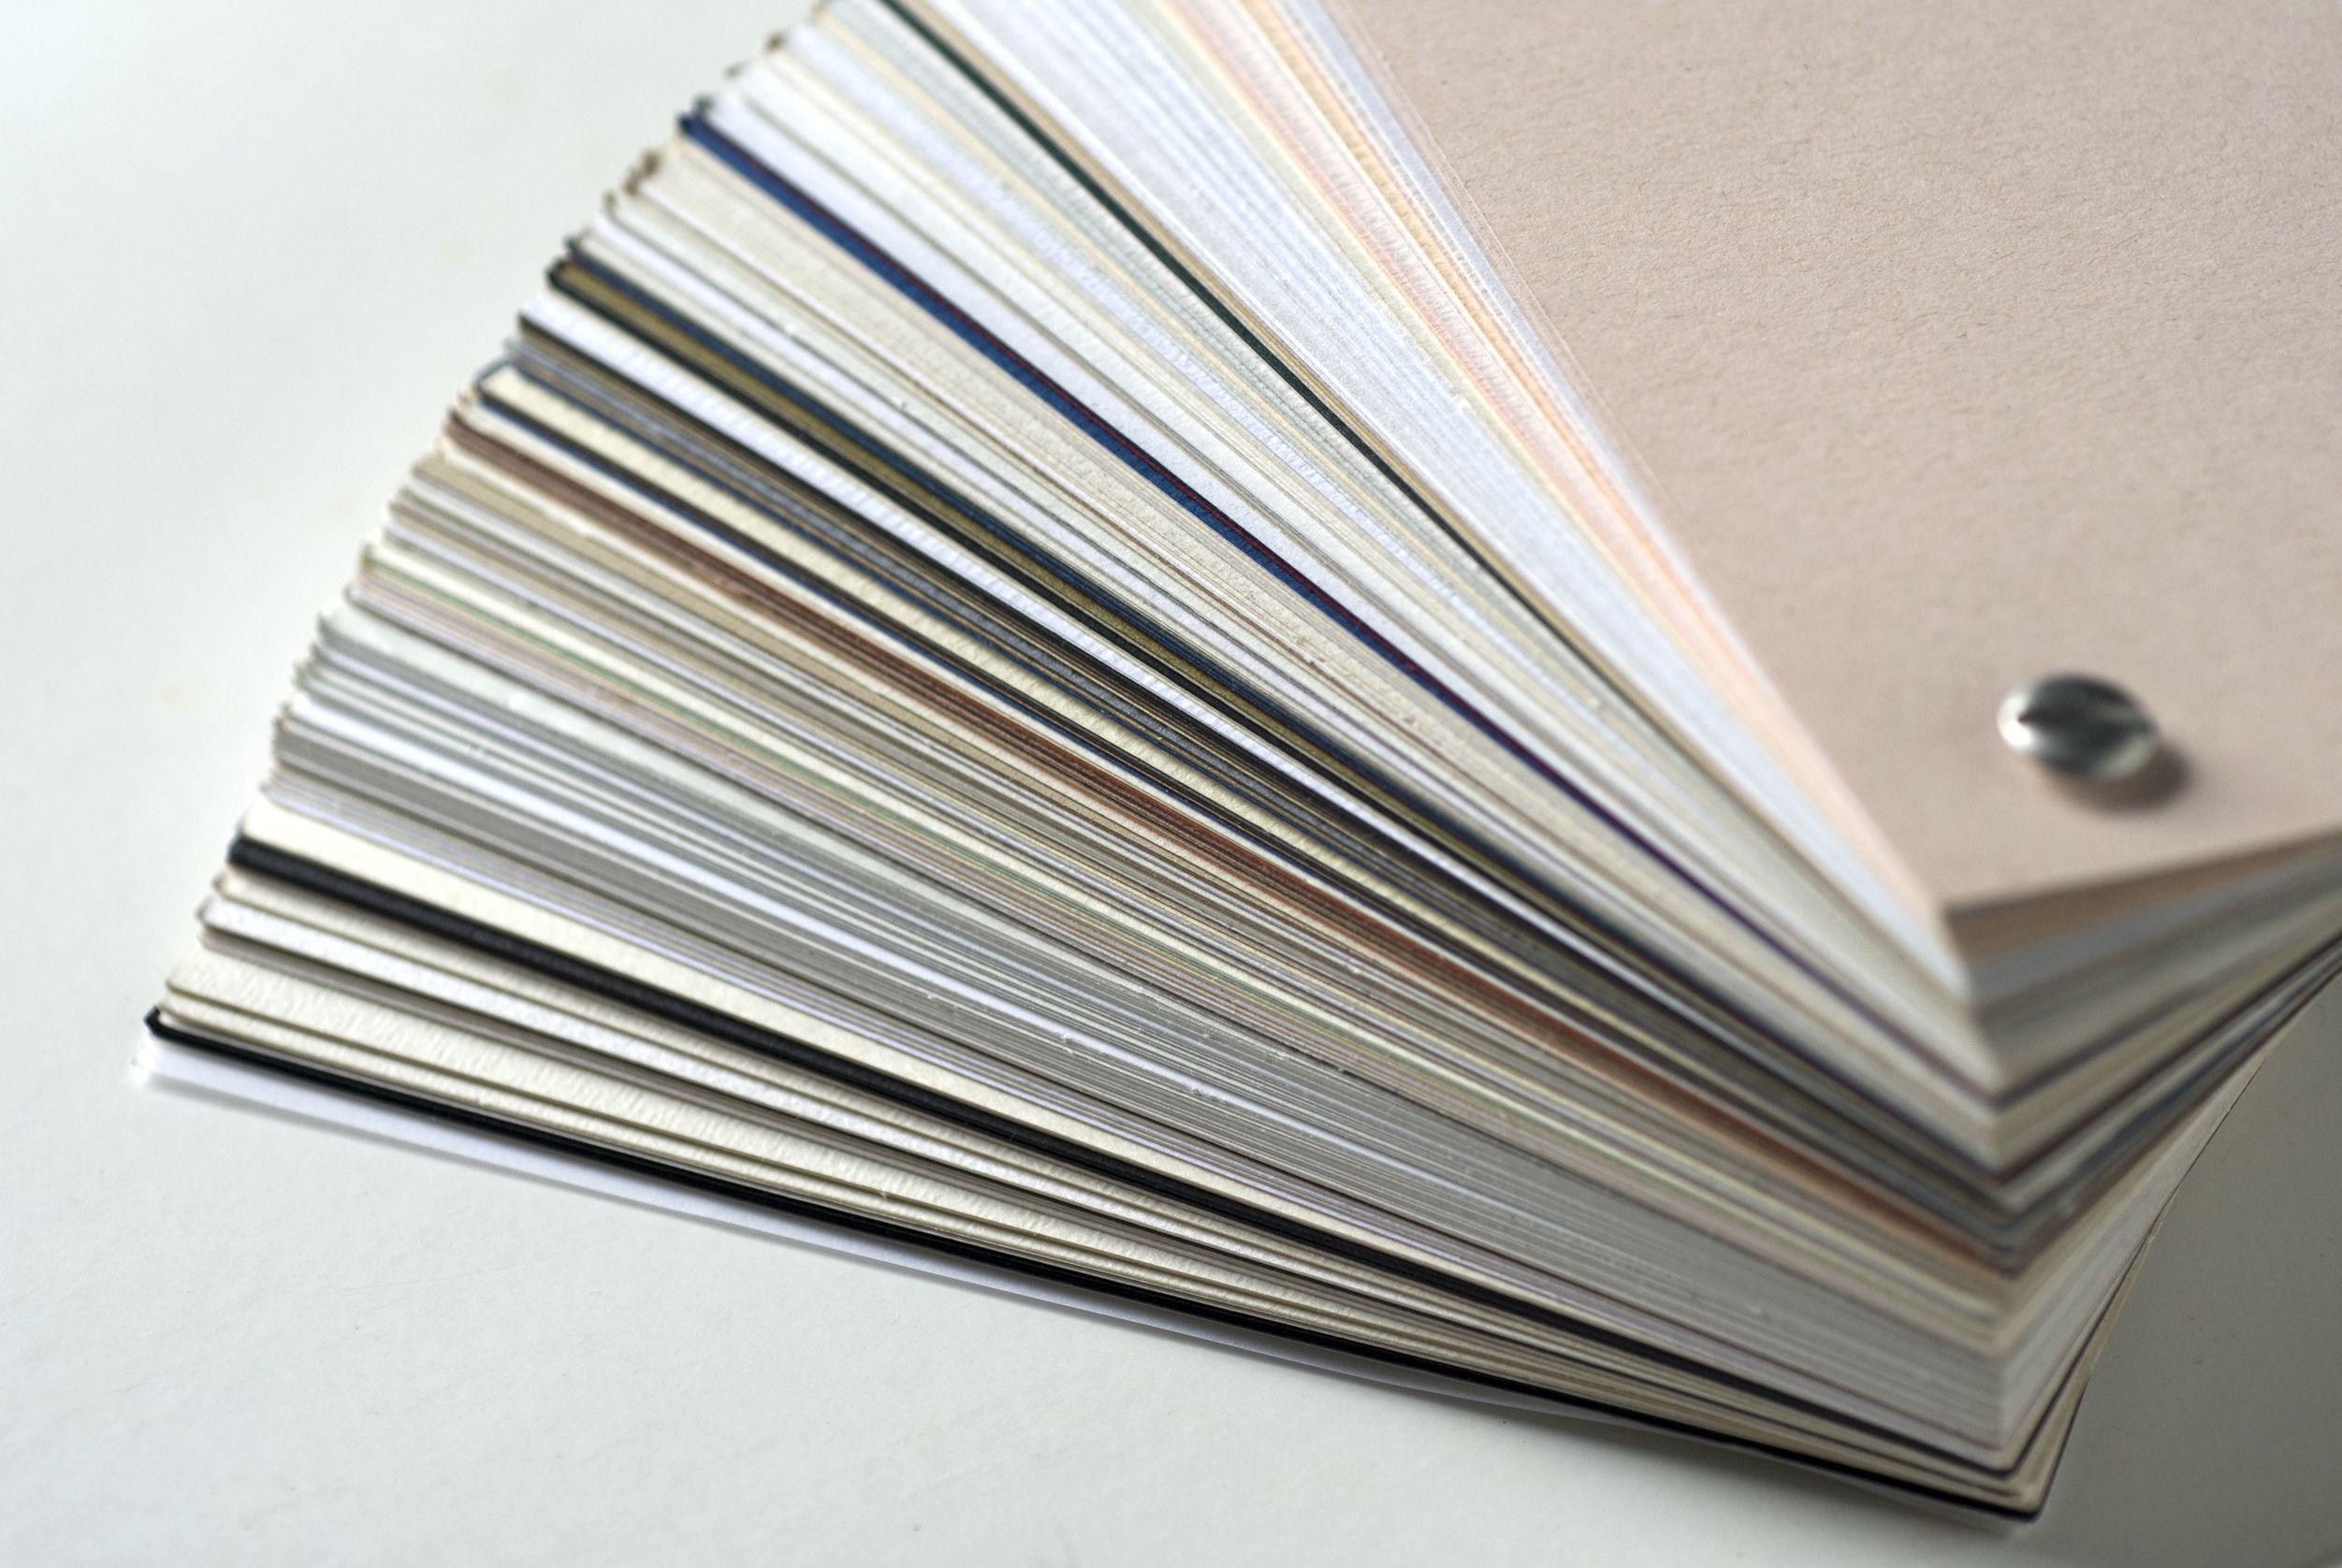 La fibra del papel en los productos impresos